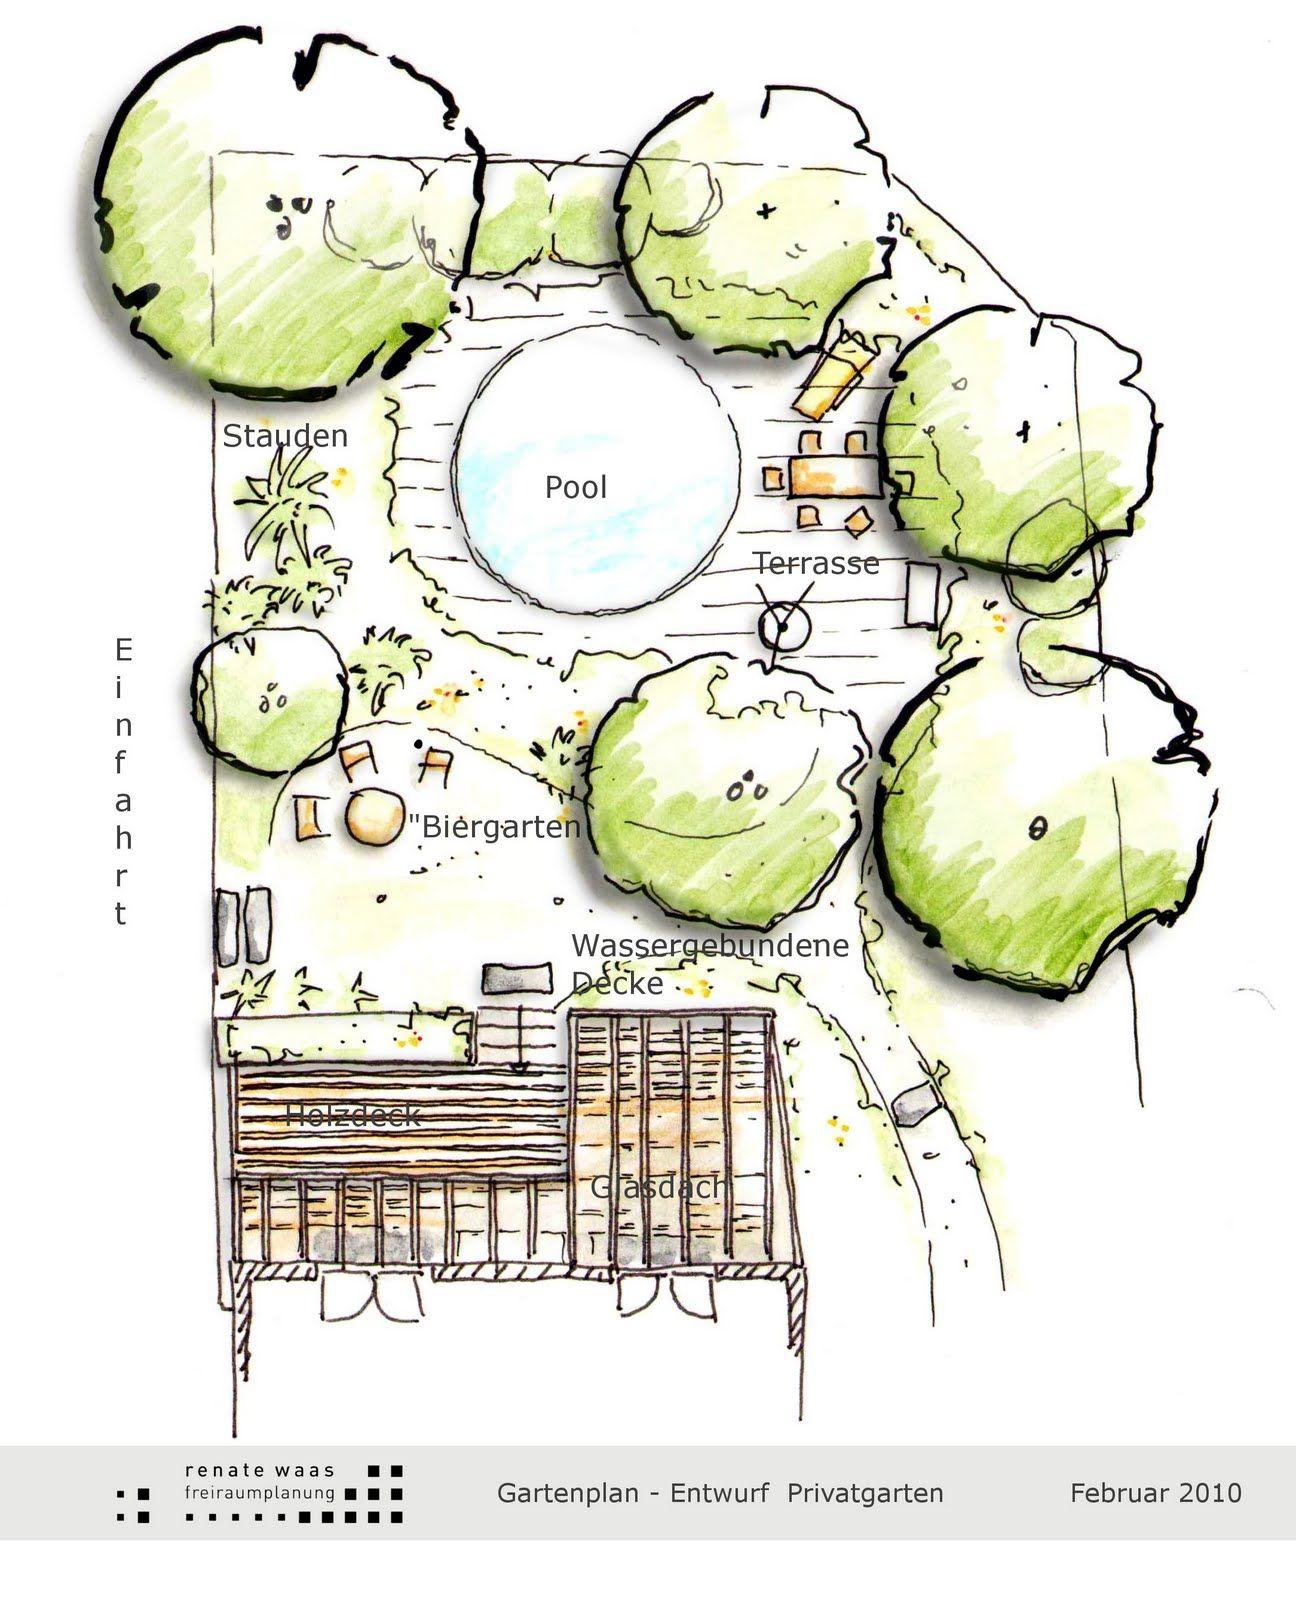 Diy Holzdeck Aus Larche Und Cotten Stahltroge Bauen Im Geniesser Garten Hier Der Gartenpl Landscape Design Drawings Modern Garden Design Garden Design Plans